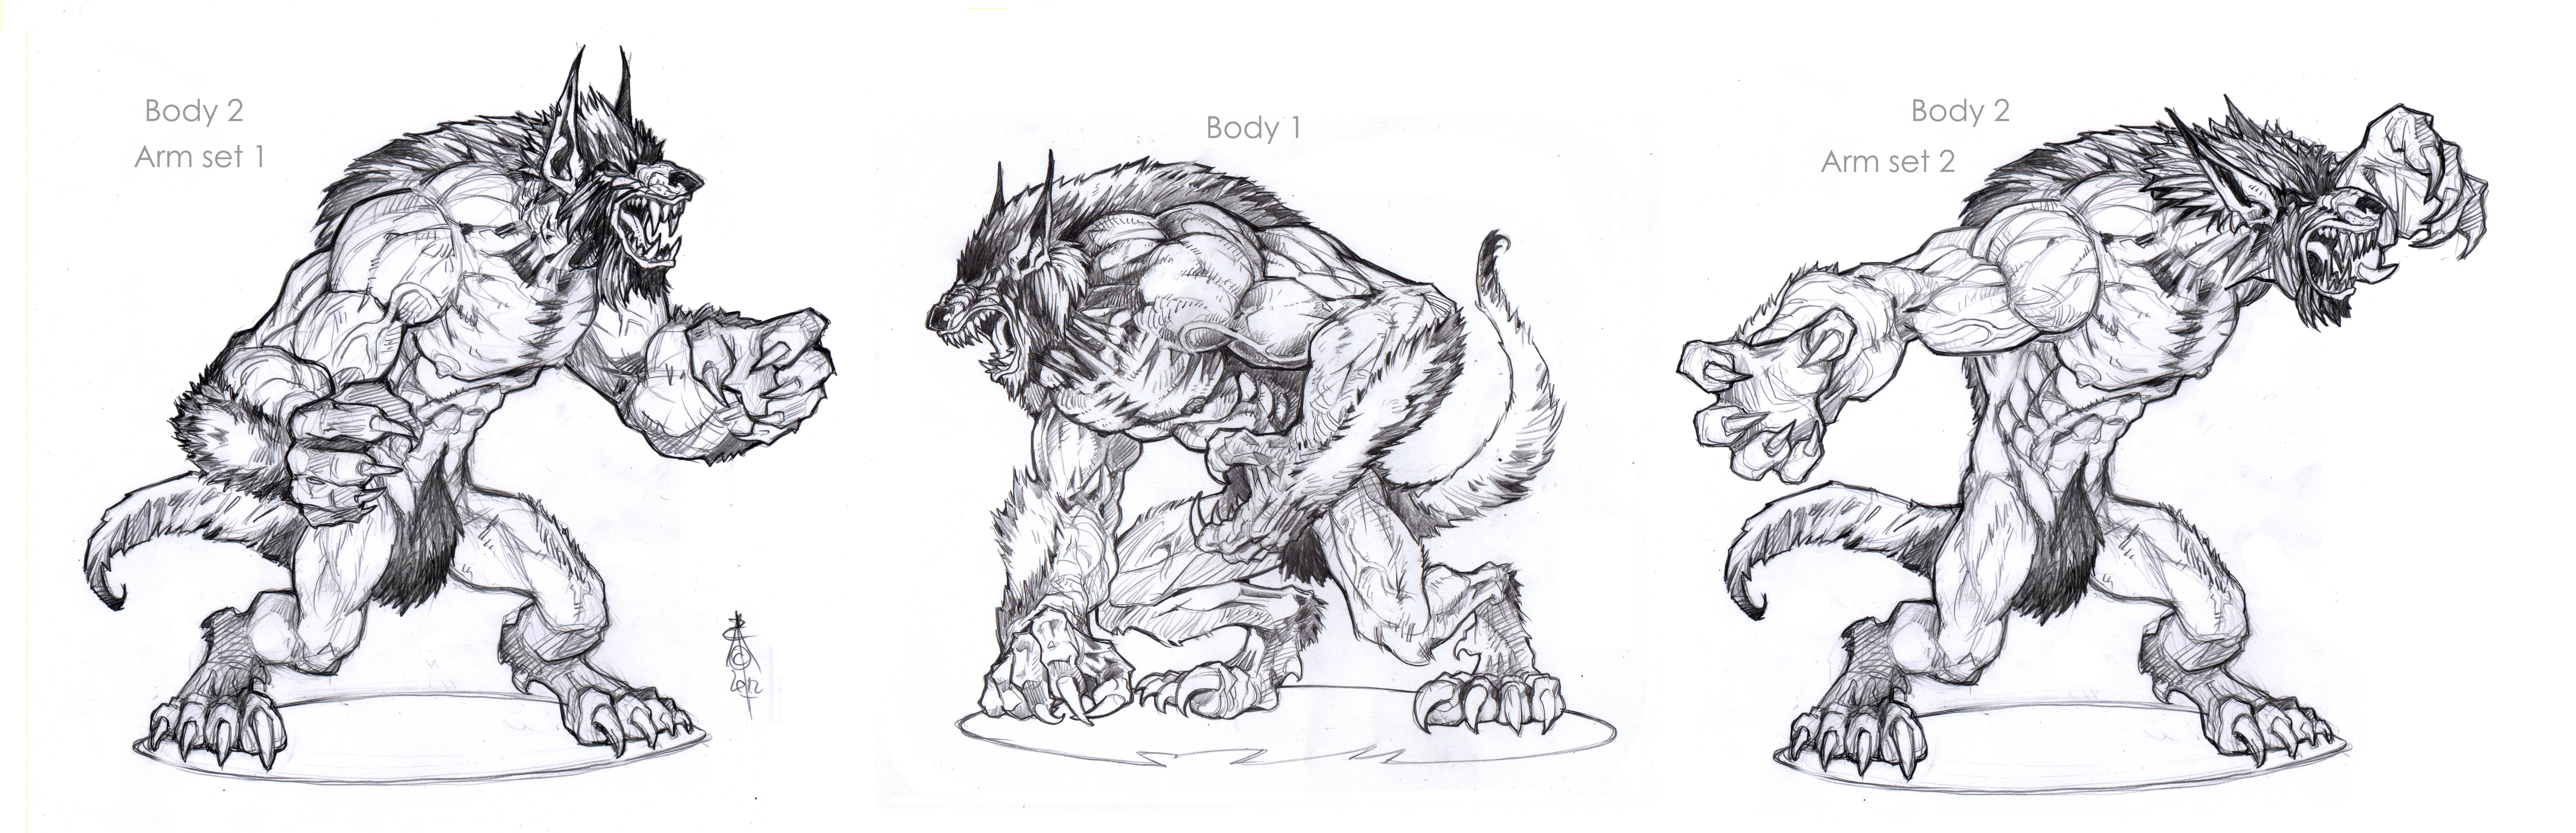 Undead Werewolf Concepts